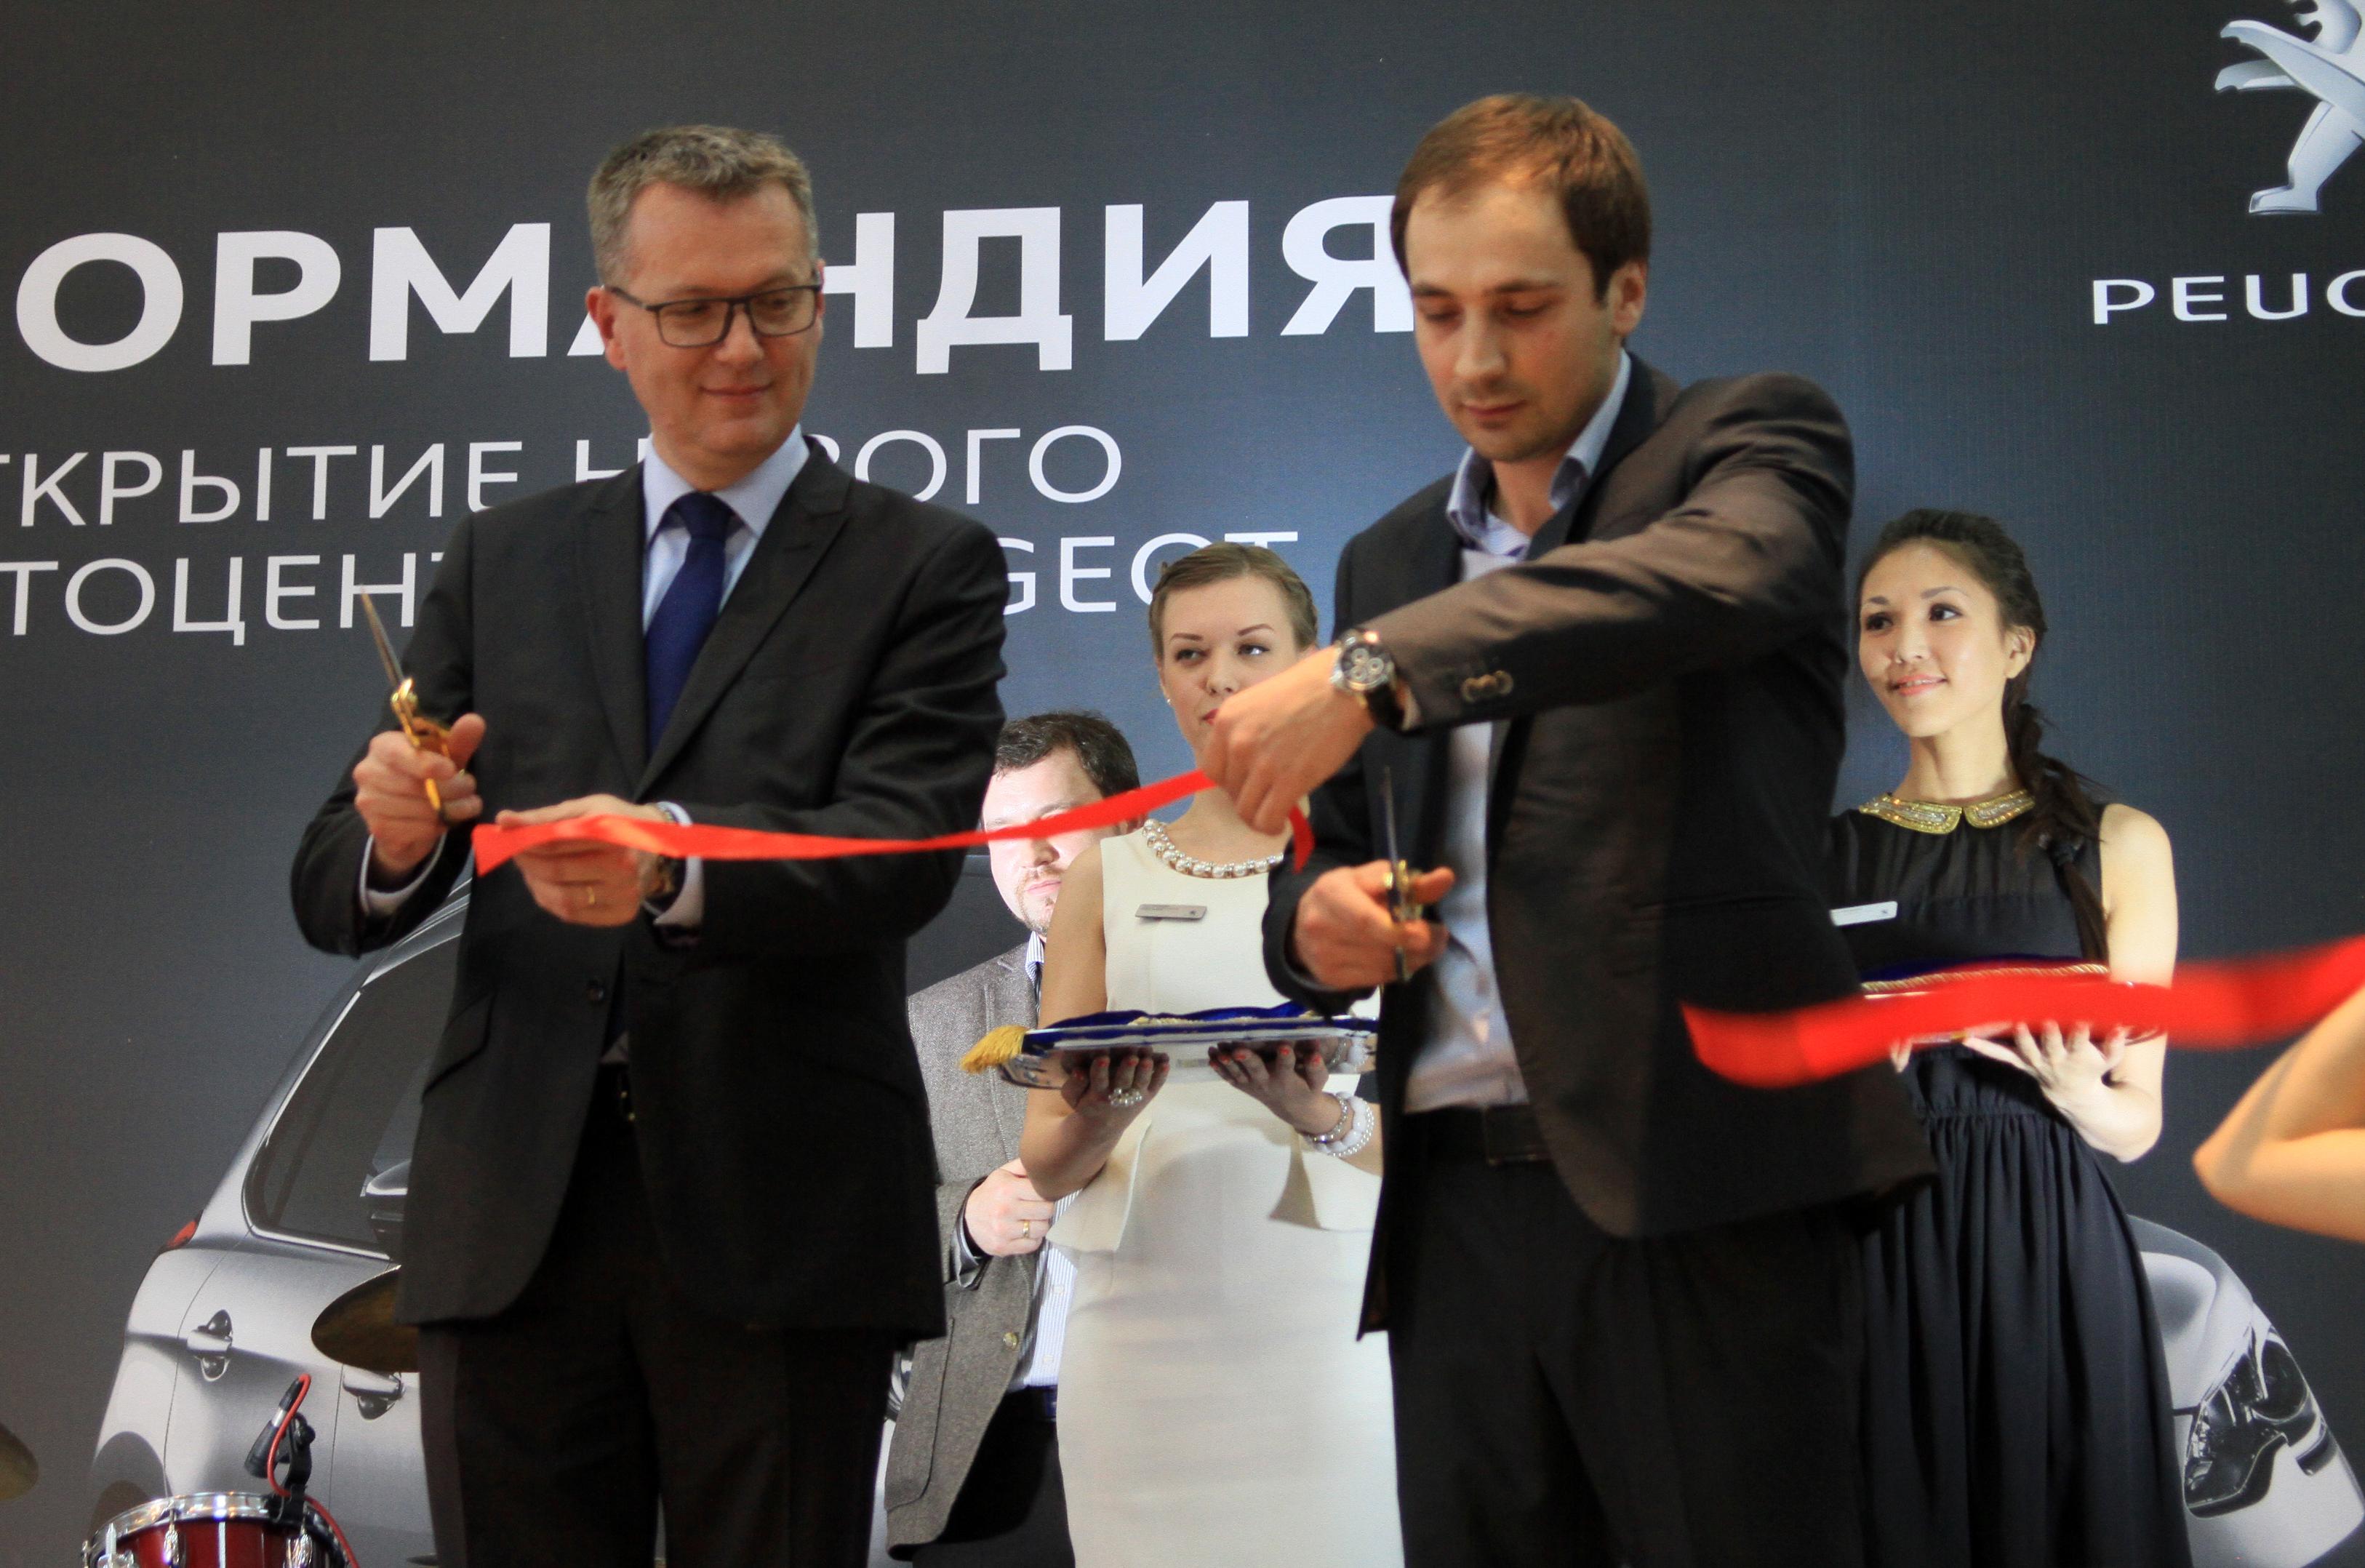 Фредерик Вюаран, директор Peugeot Rus: «Мы вынуждены повышать цены из-за курса евро»